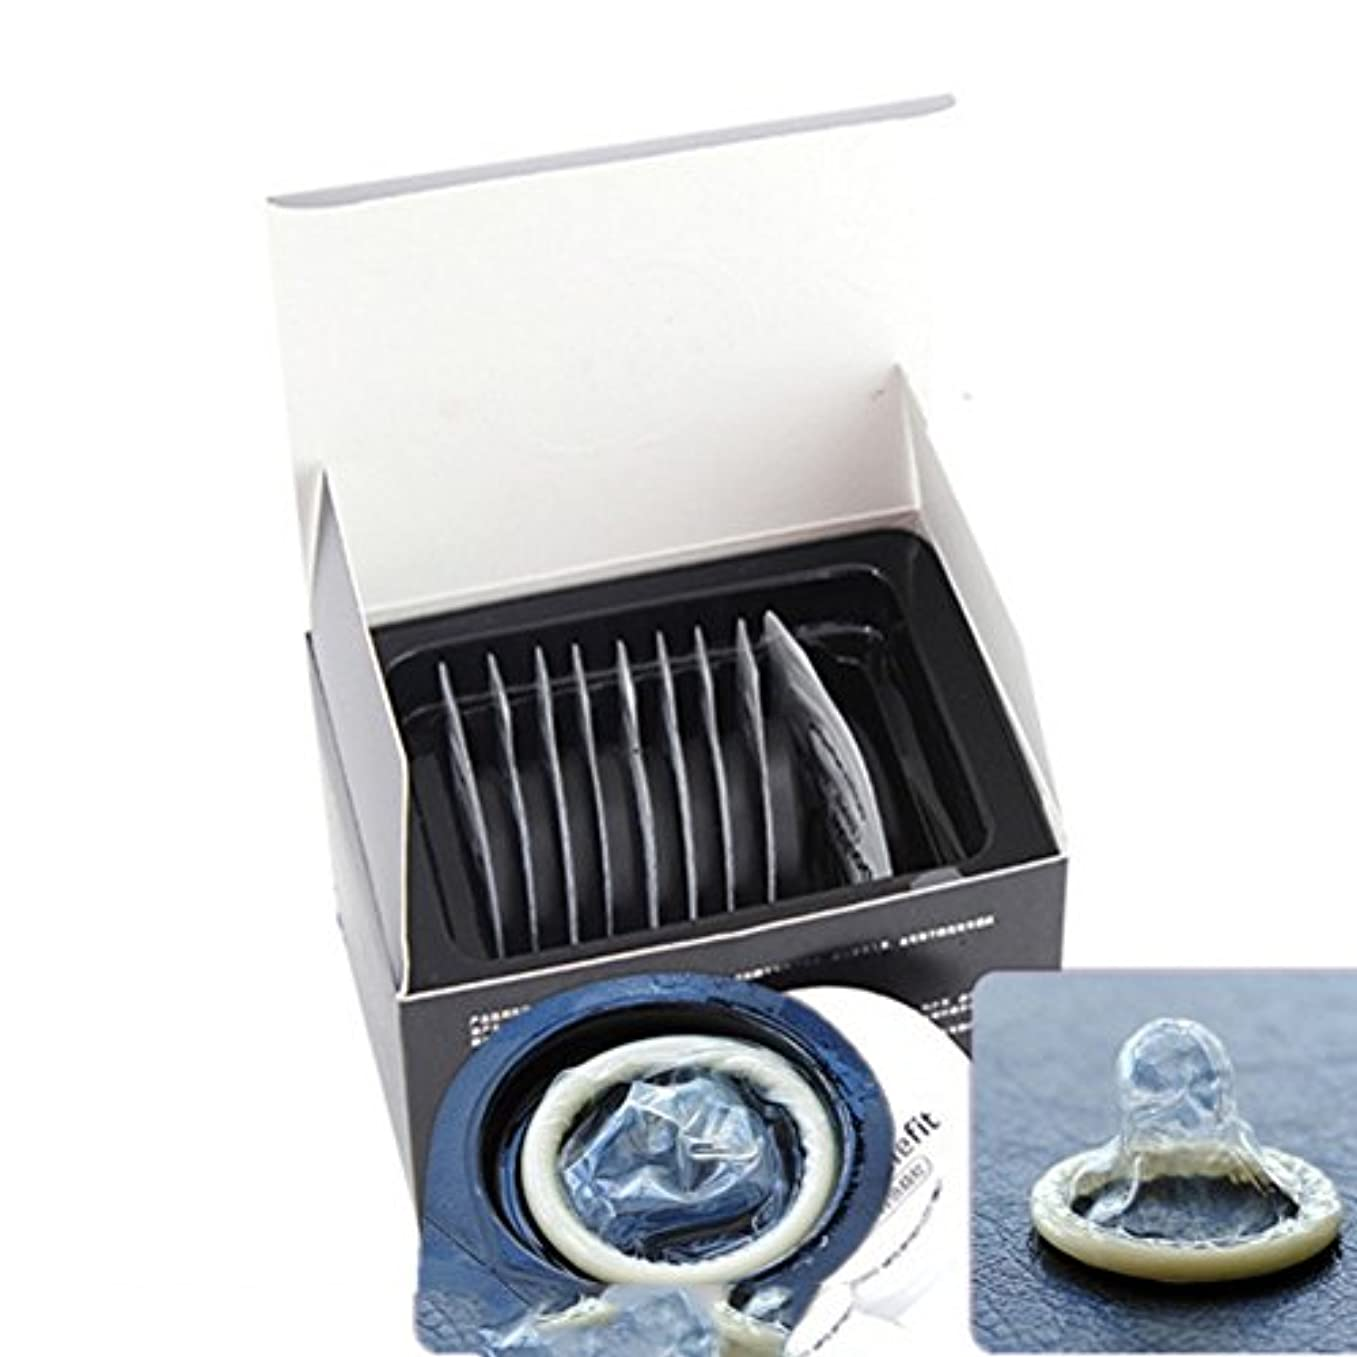 スキンレススキンコンドーム - 最も薄いラテックスコンドーム(10個入り)